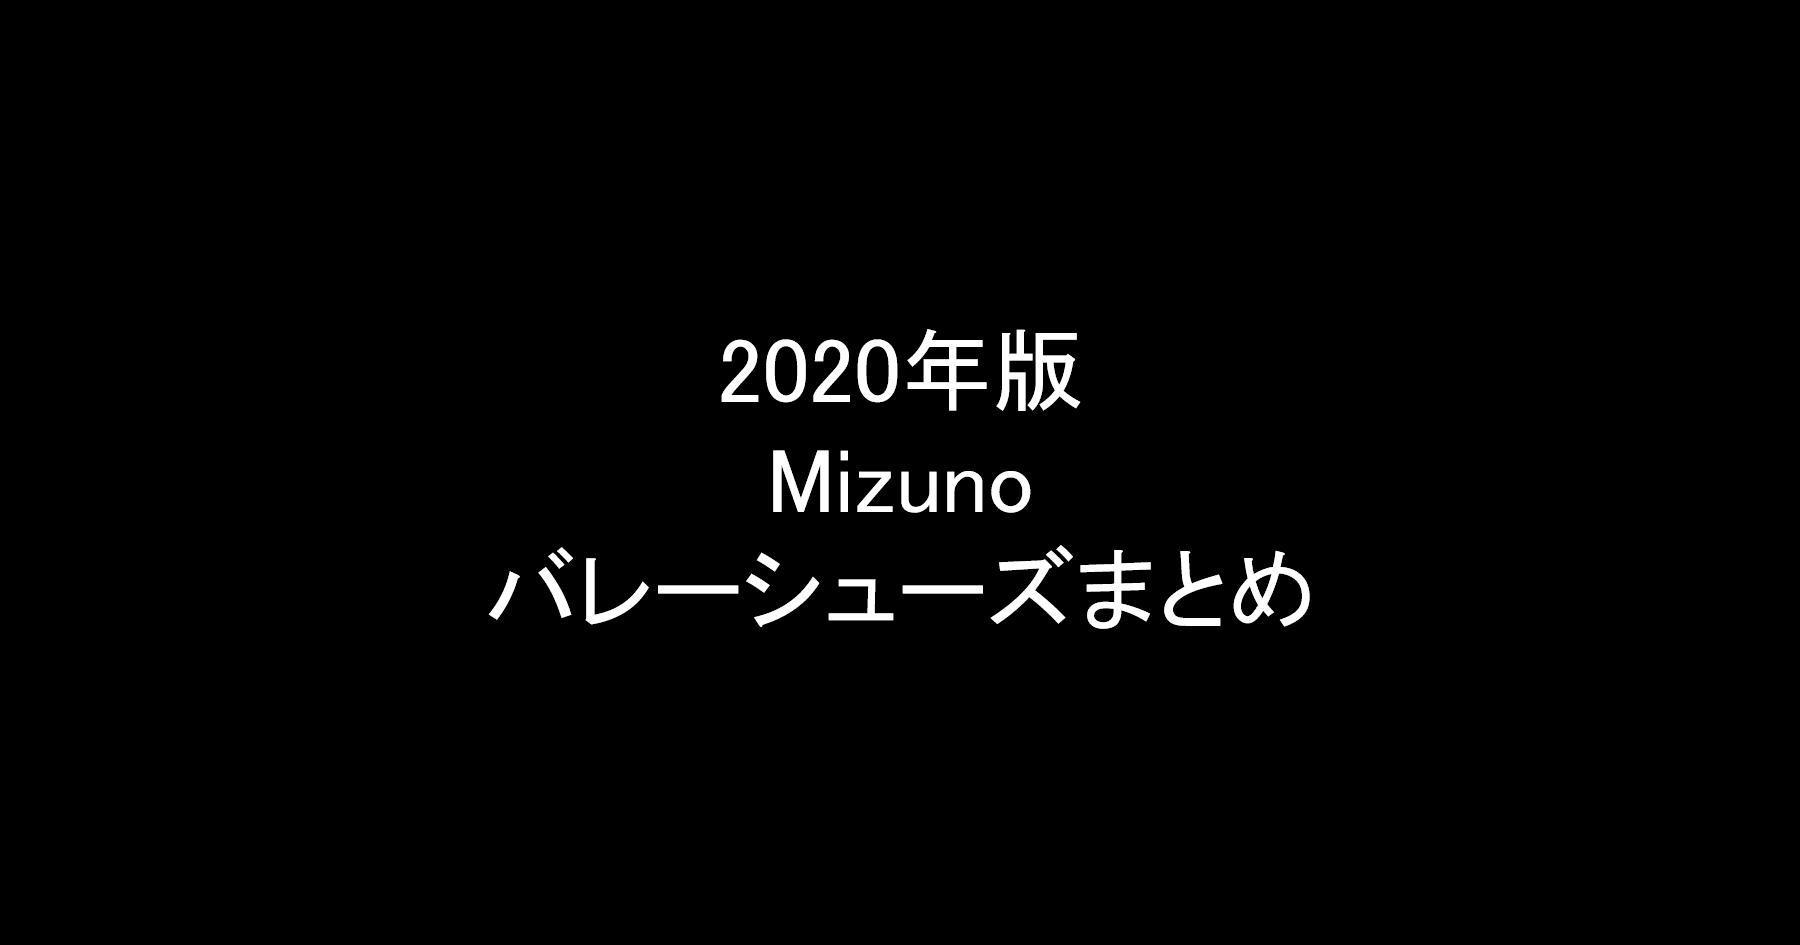 【2020年版】Mizuno バレーボールシューズ一覧 まとめ